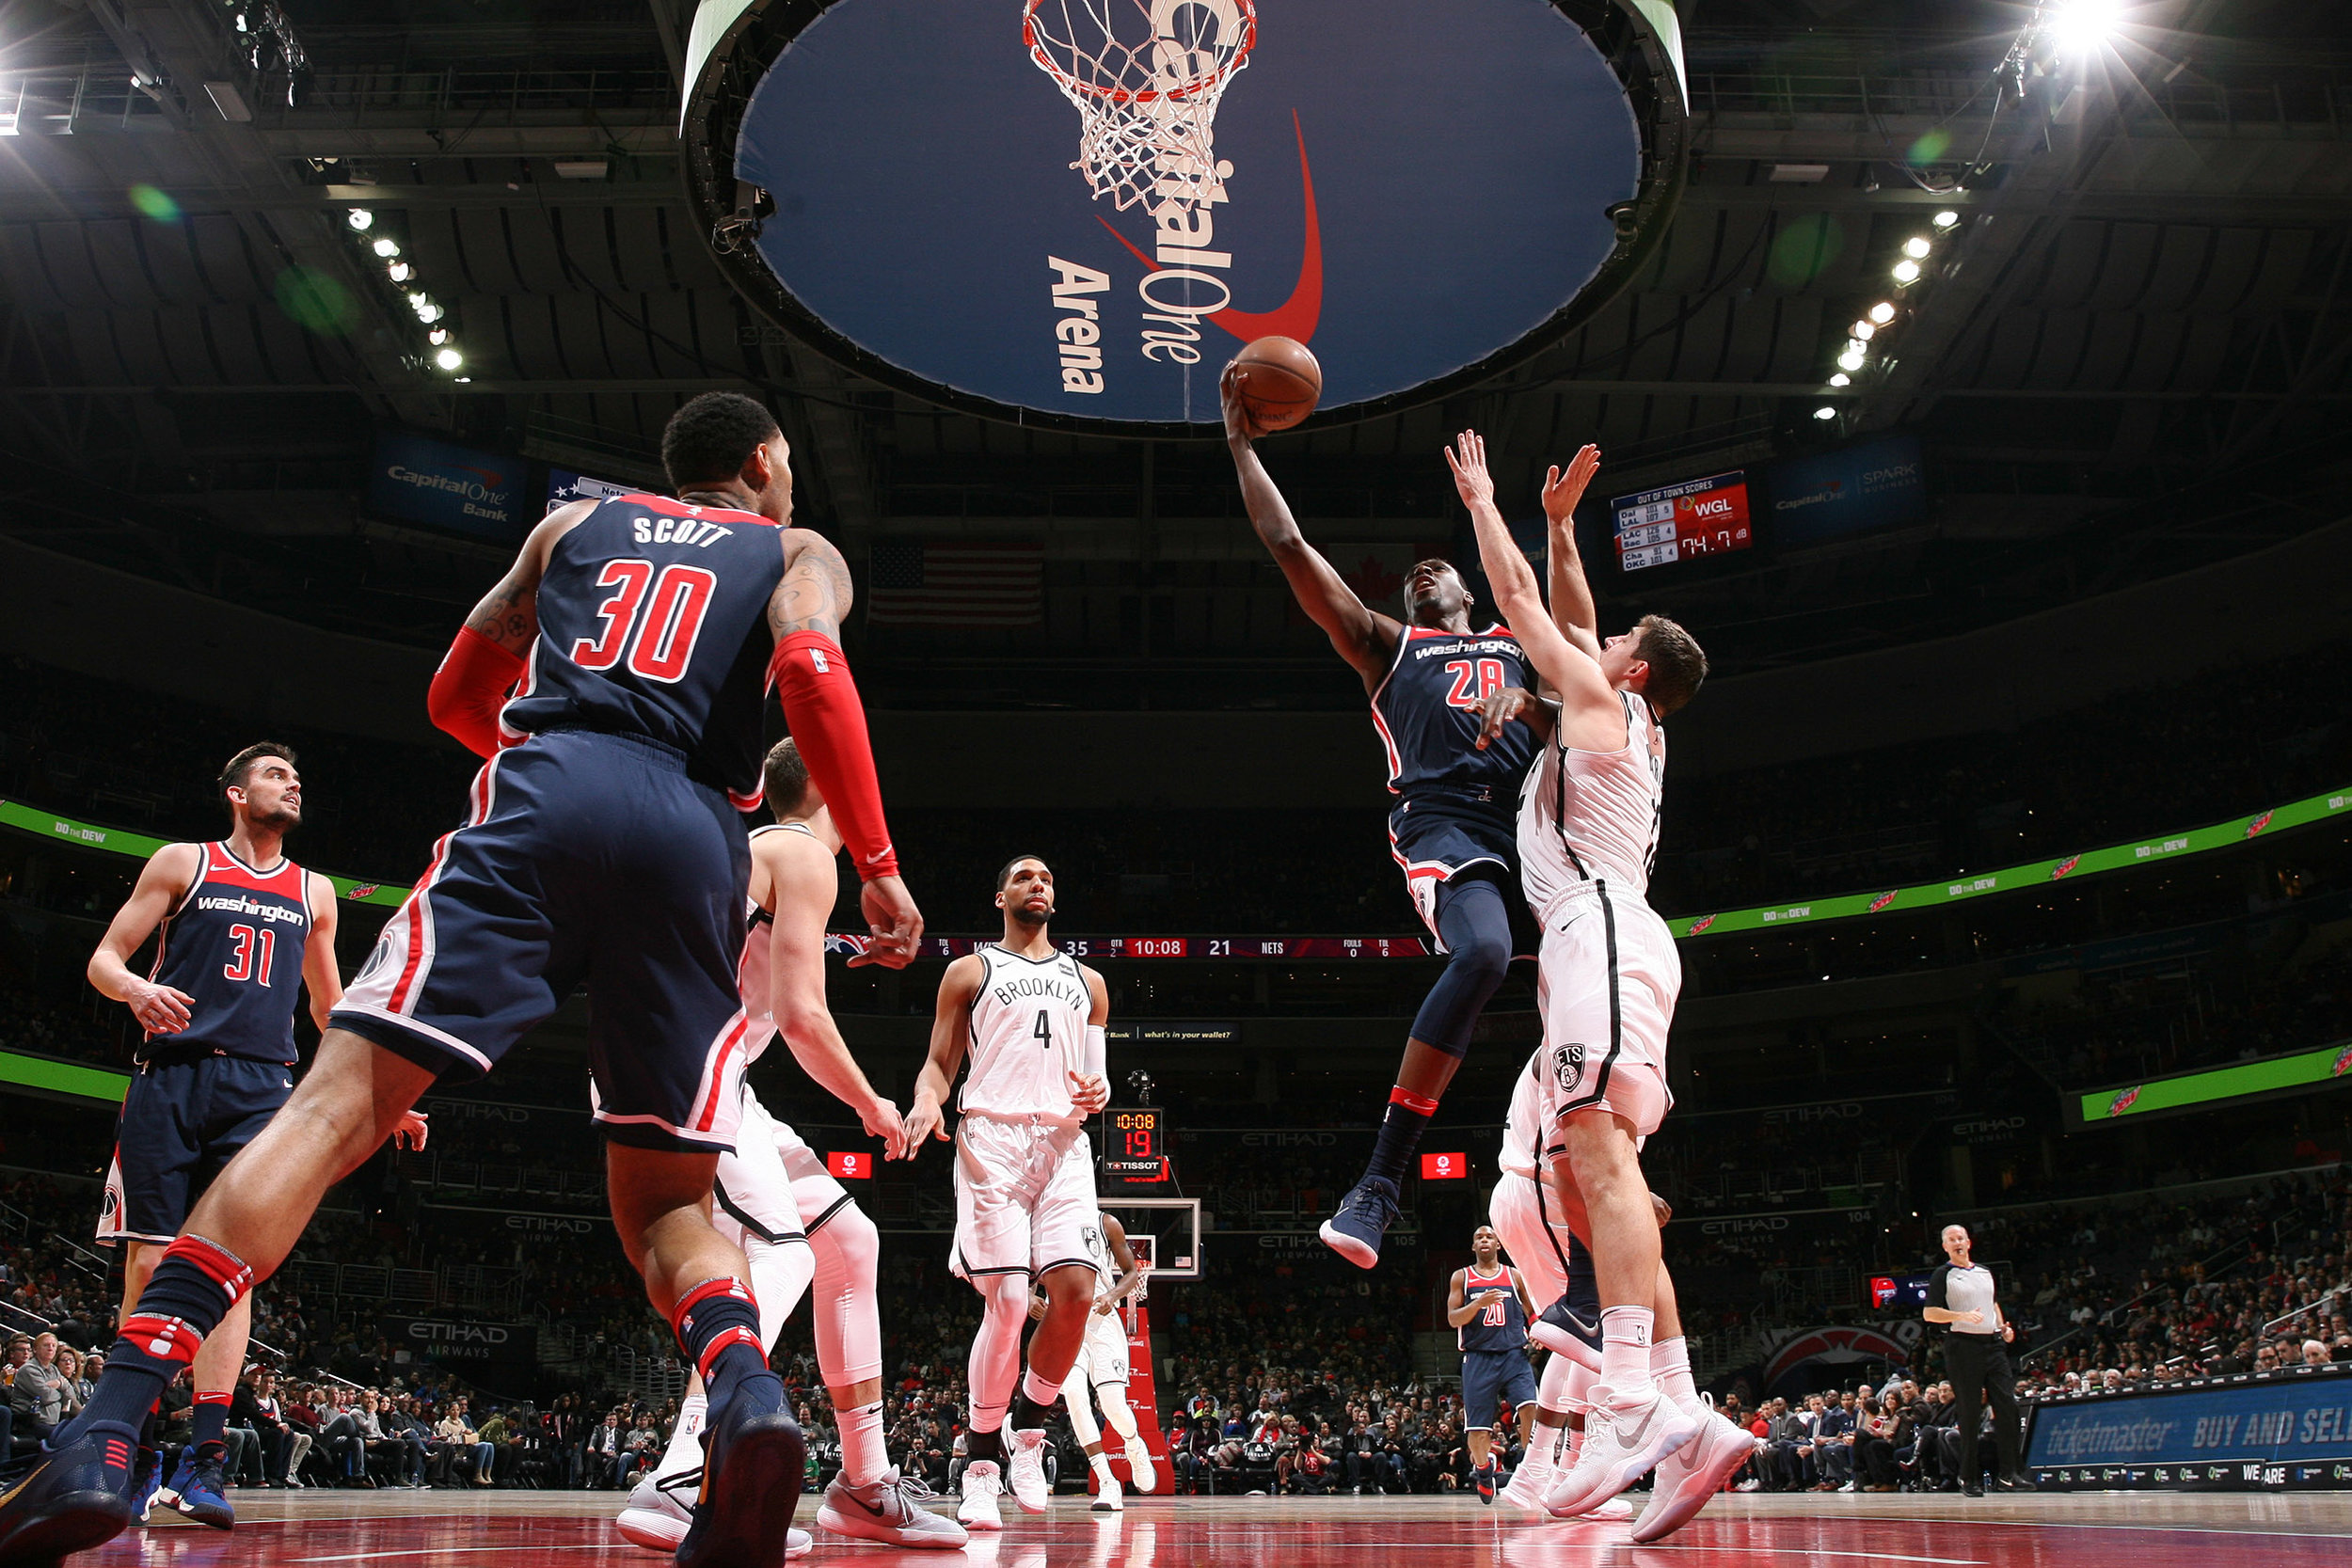 Brooklyn-Nets-Washington-Wizards-20180113-07.JPG